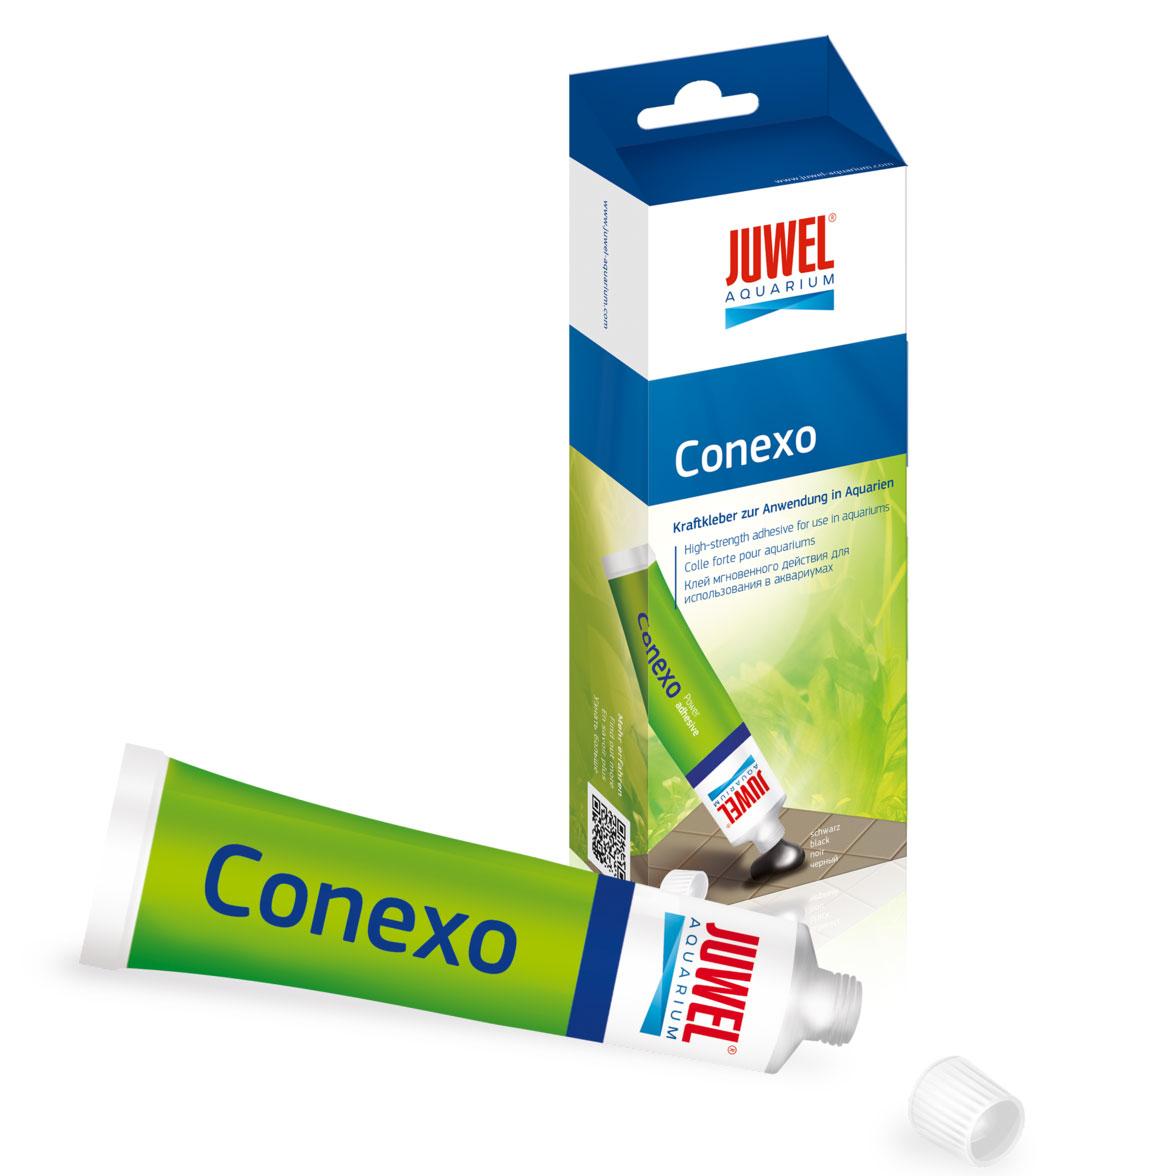 JUWEL Conexo 80 ml Kraftkleber, 80 ml